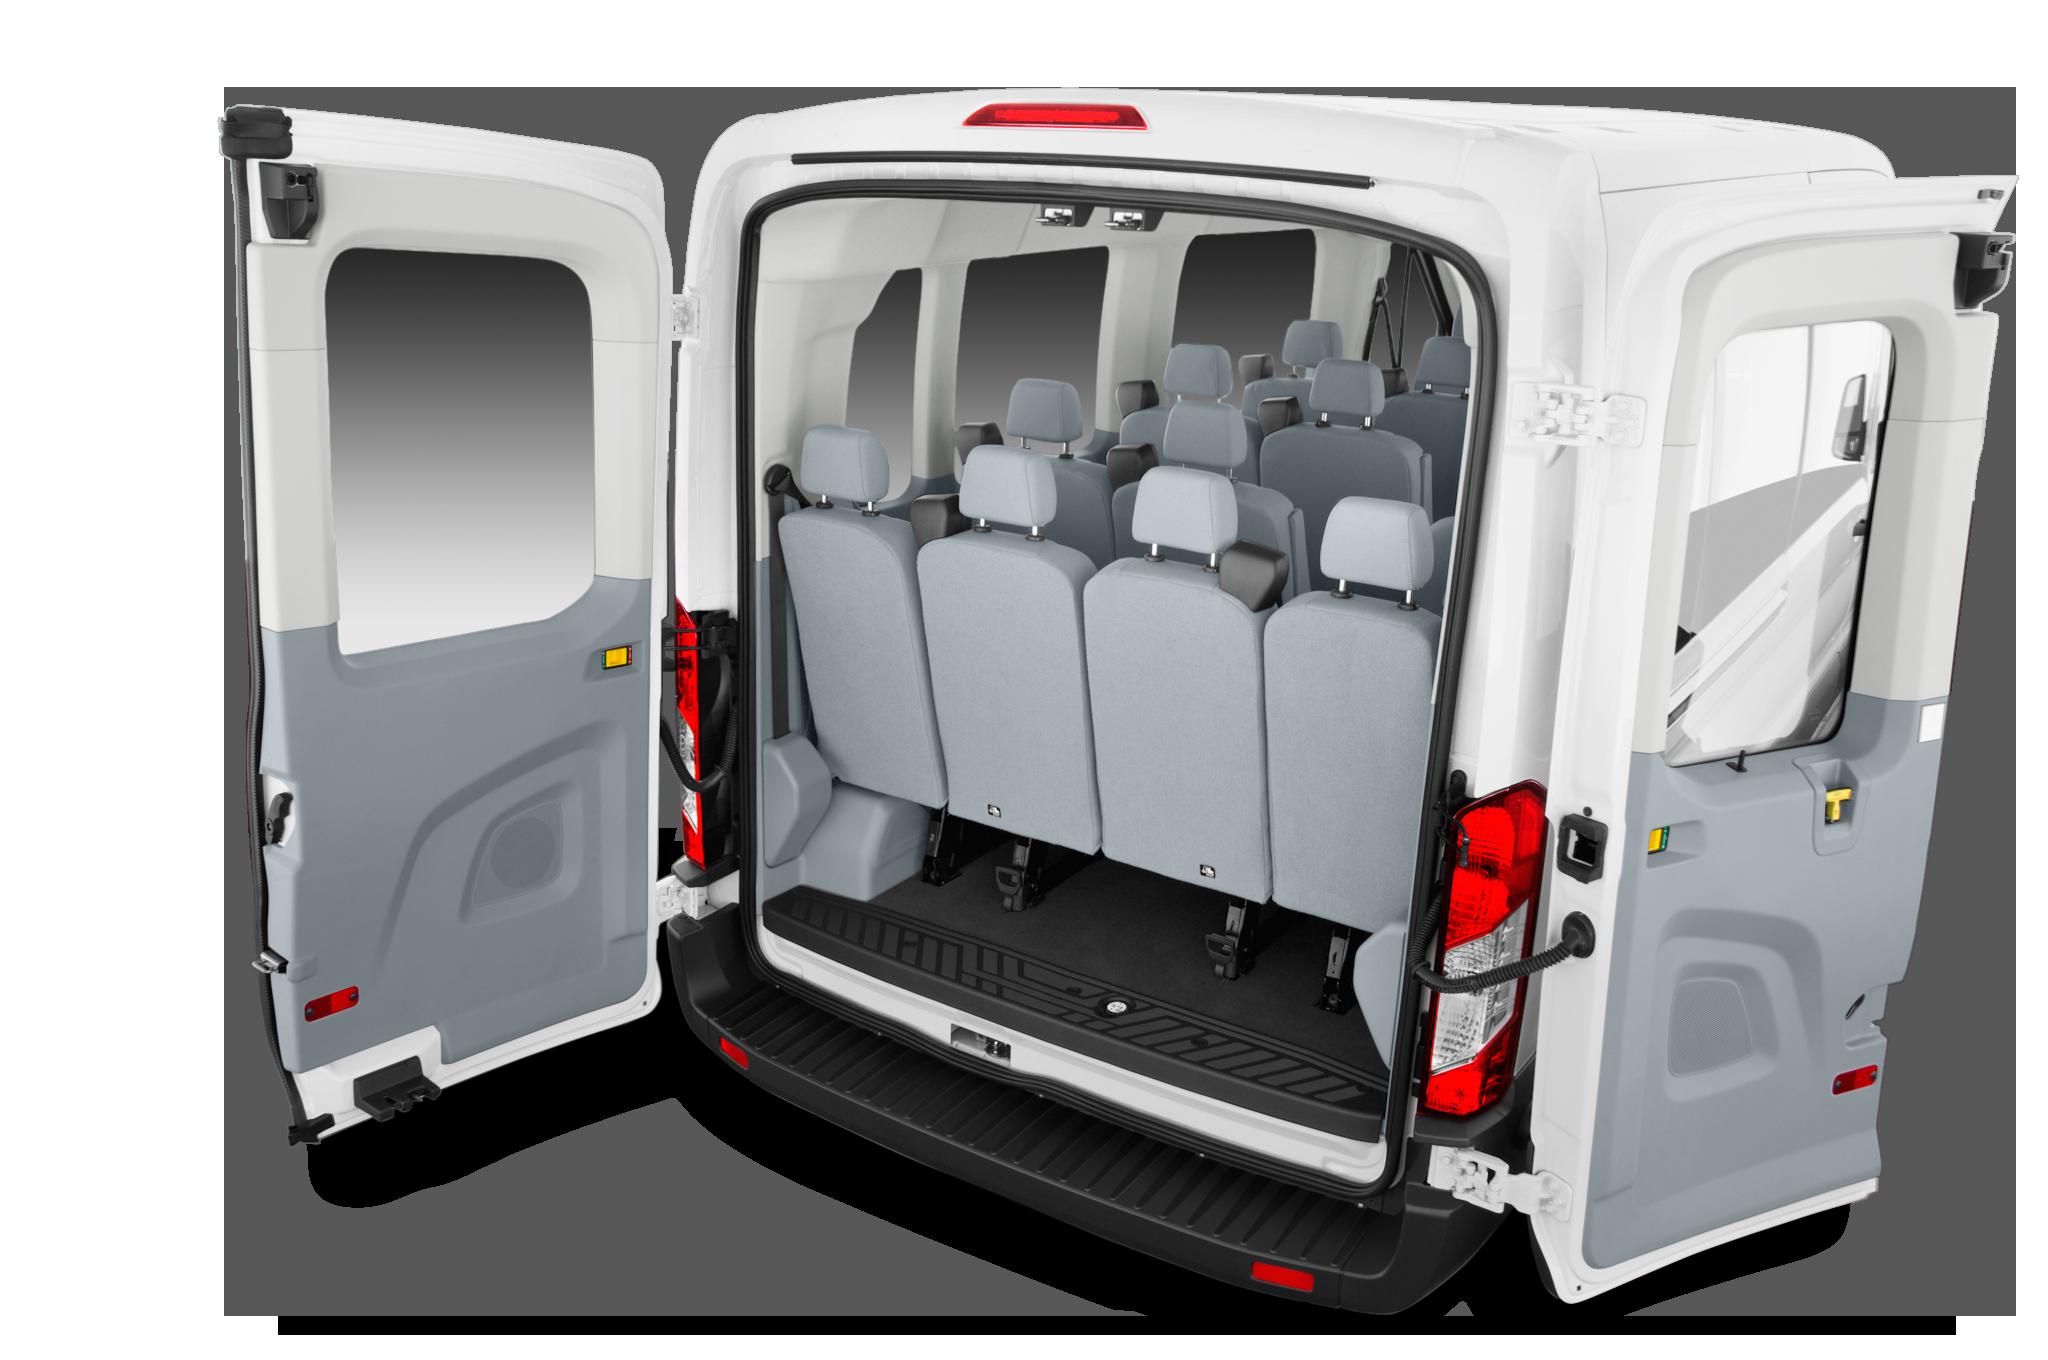 ford transit passenger van balance between price functionality ford transit passenger van balance